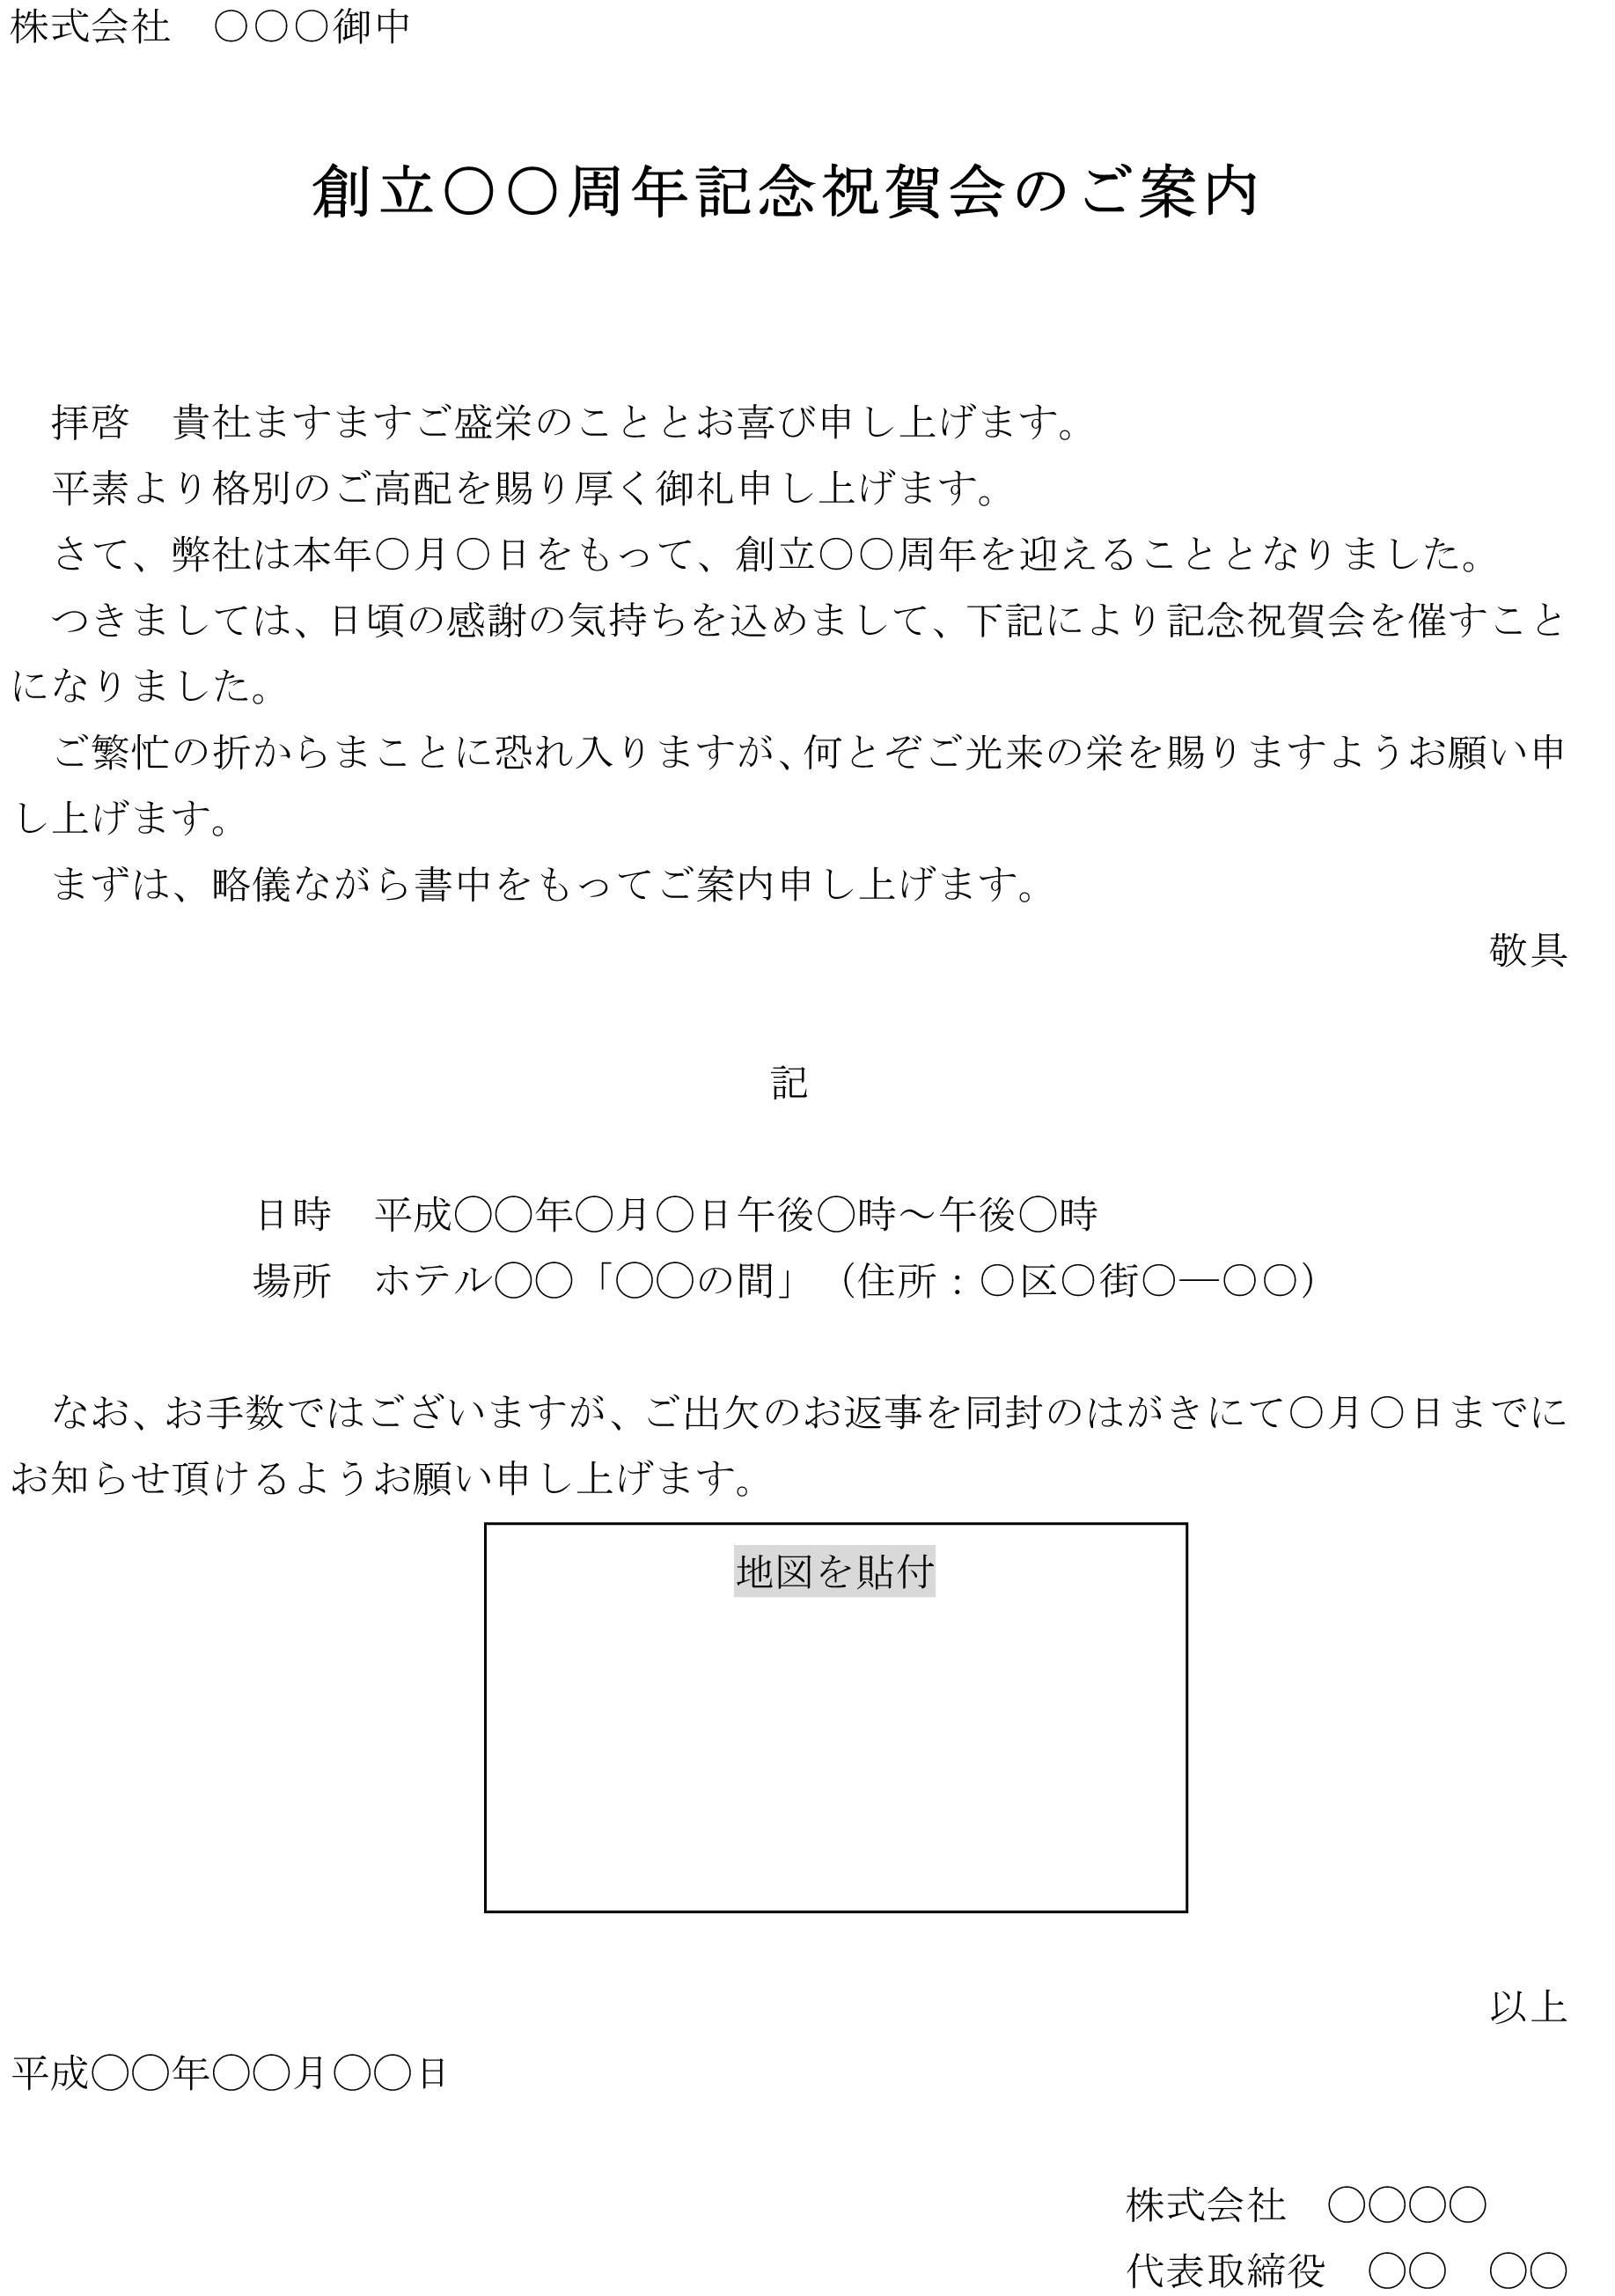 案内状(創立○○周年記念祝賀会)のテンプレート書式_2